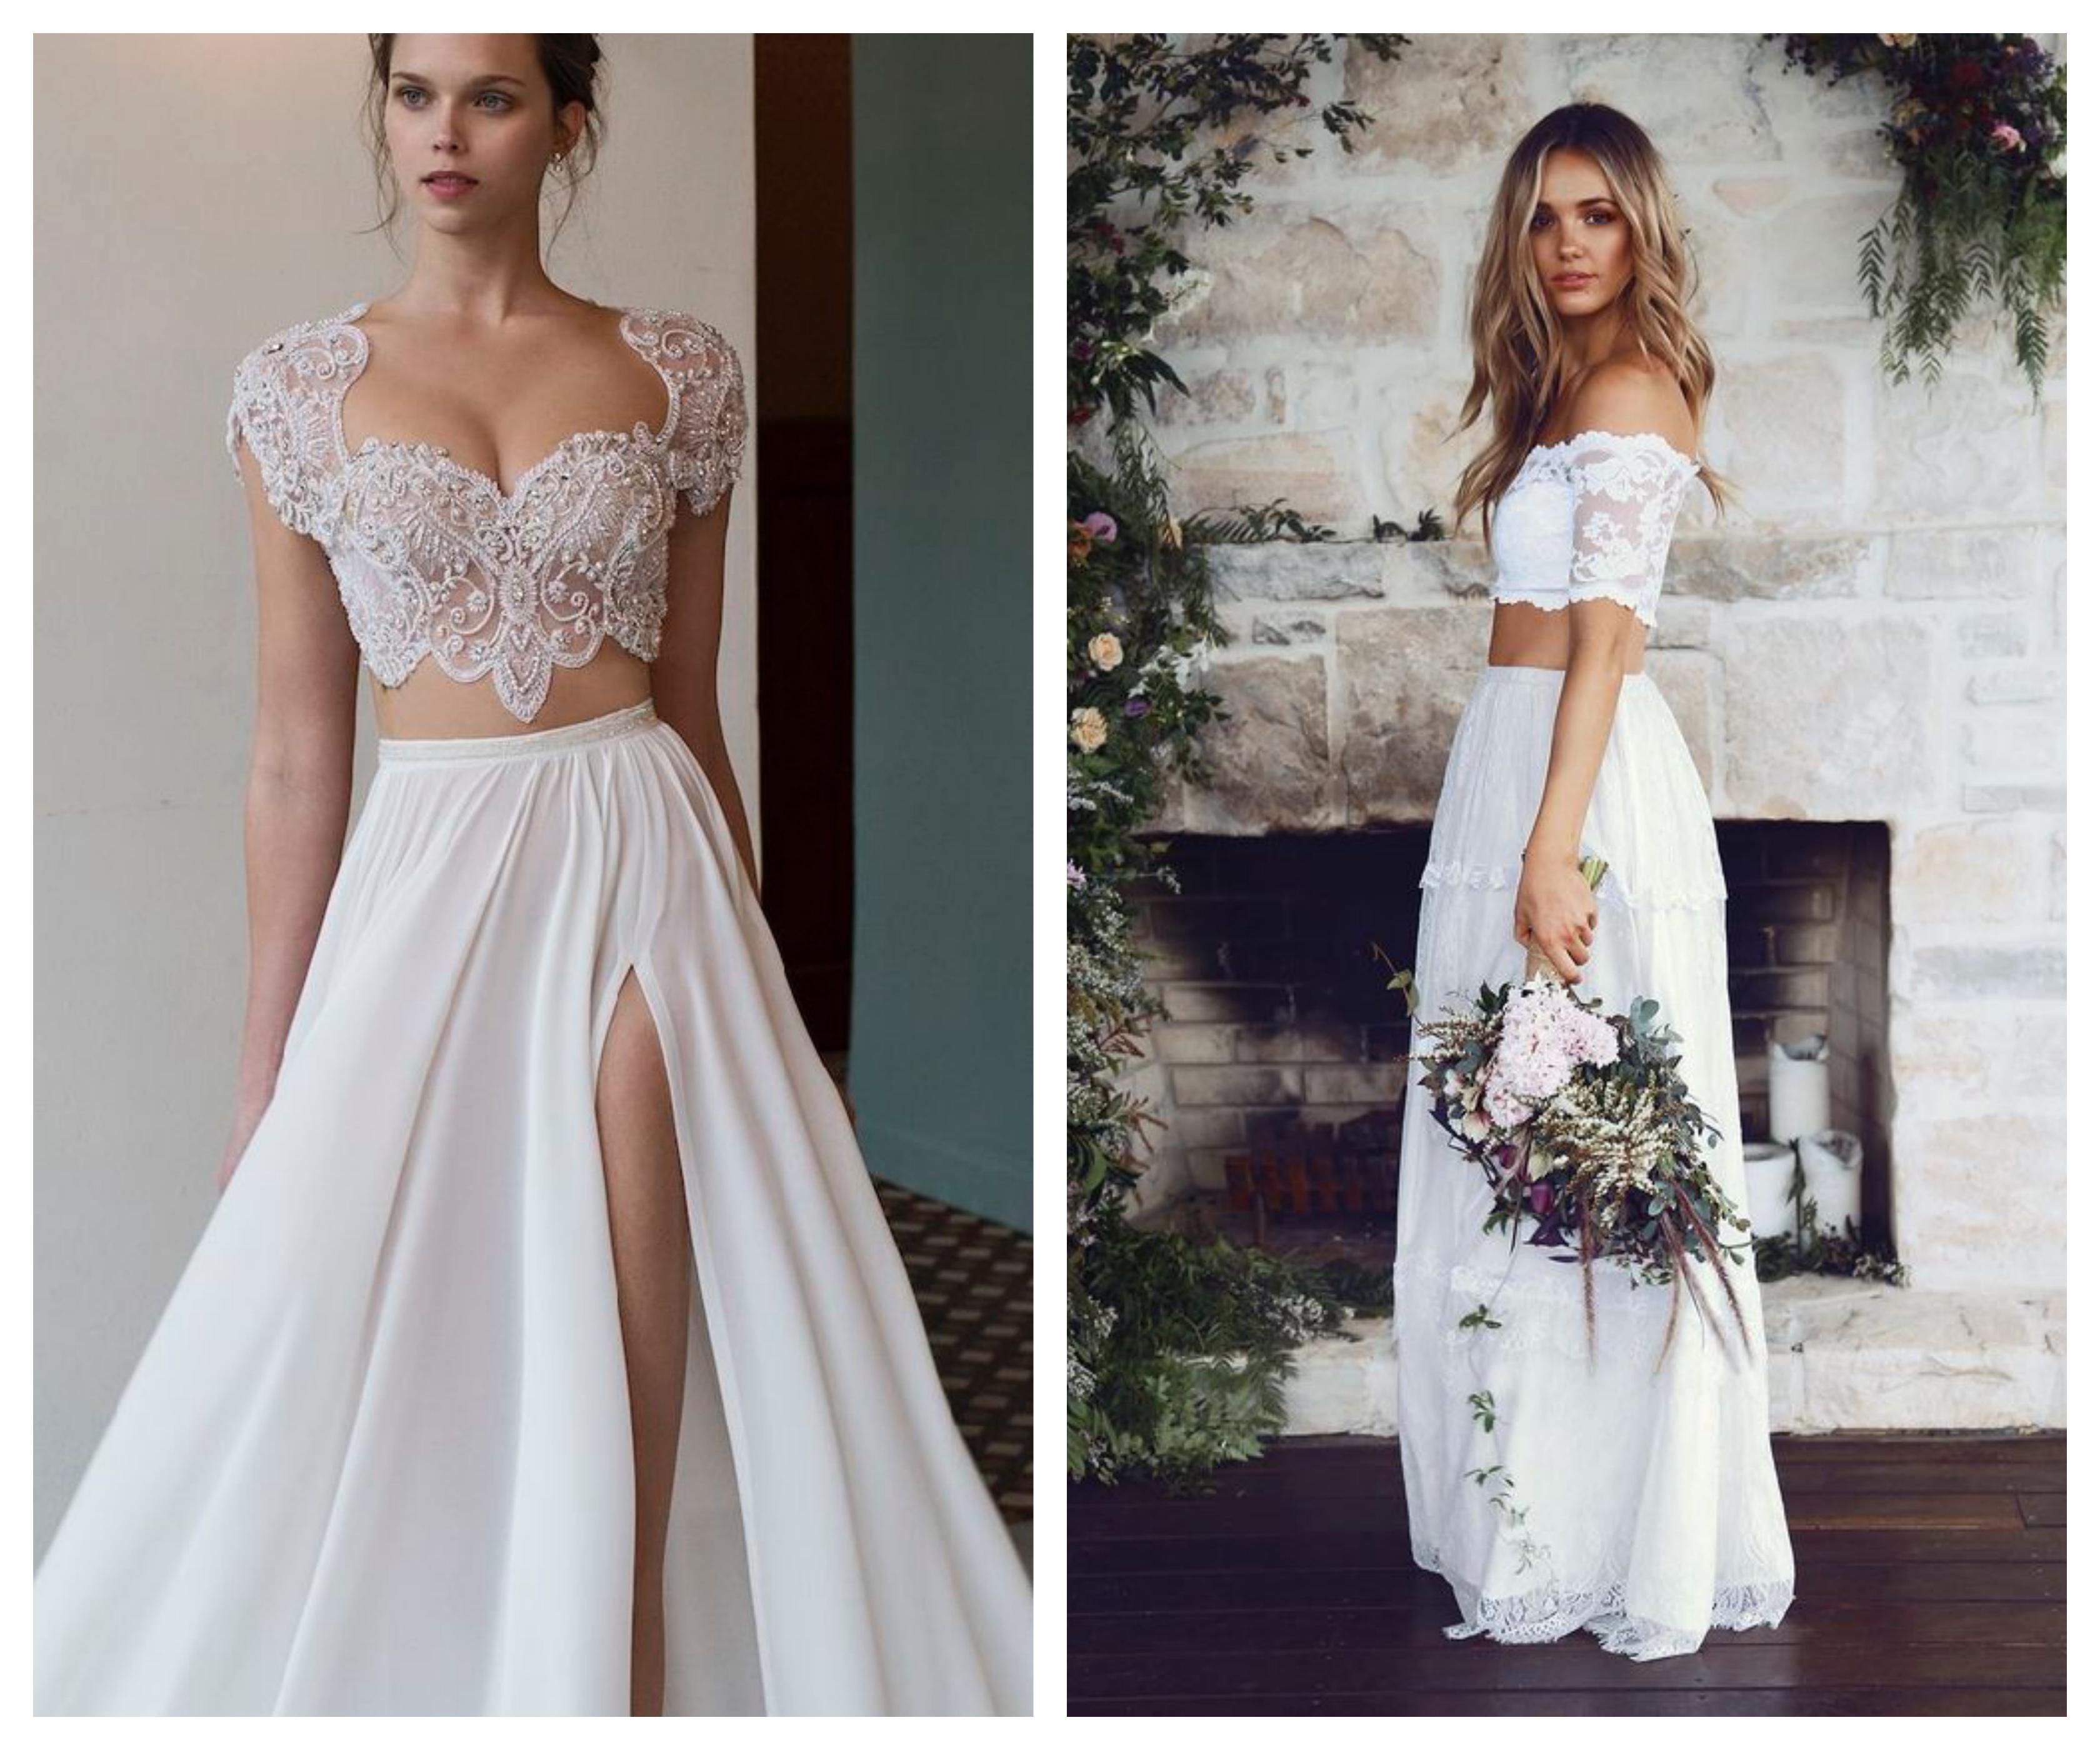 Свадебное платье топ и отдельная юбка 2019